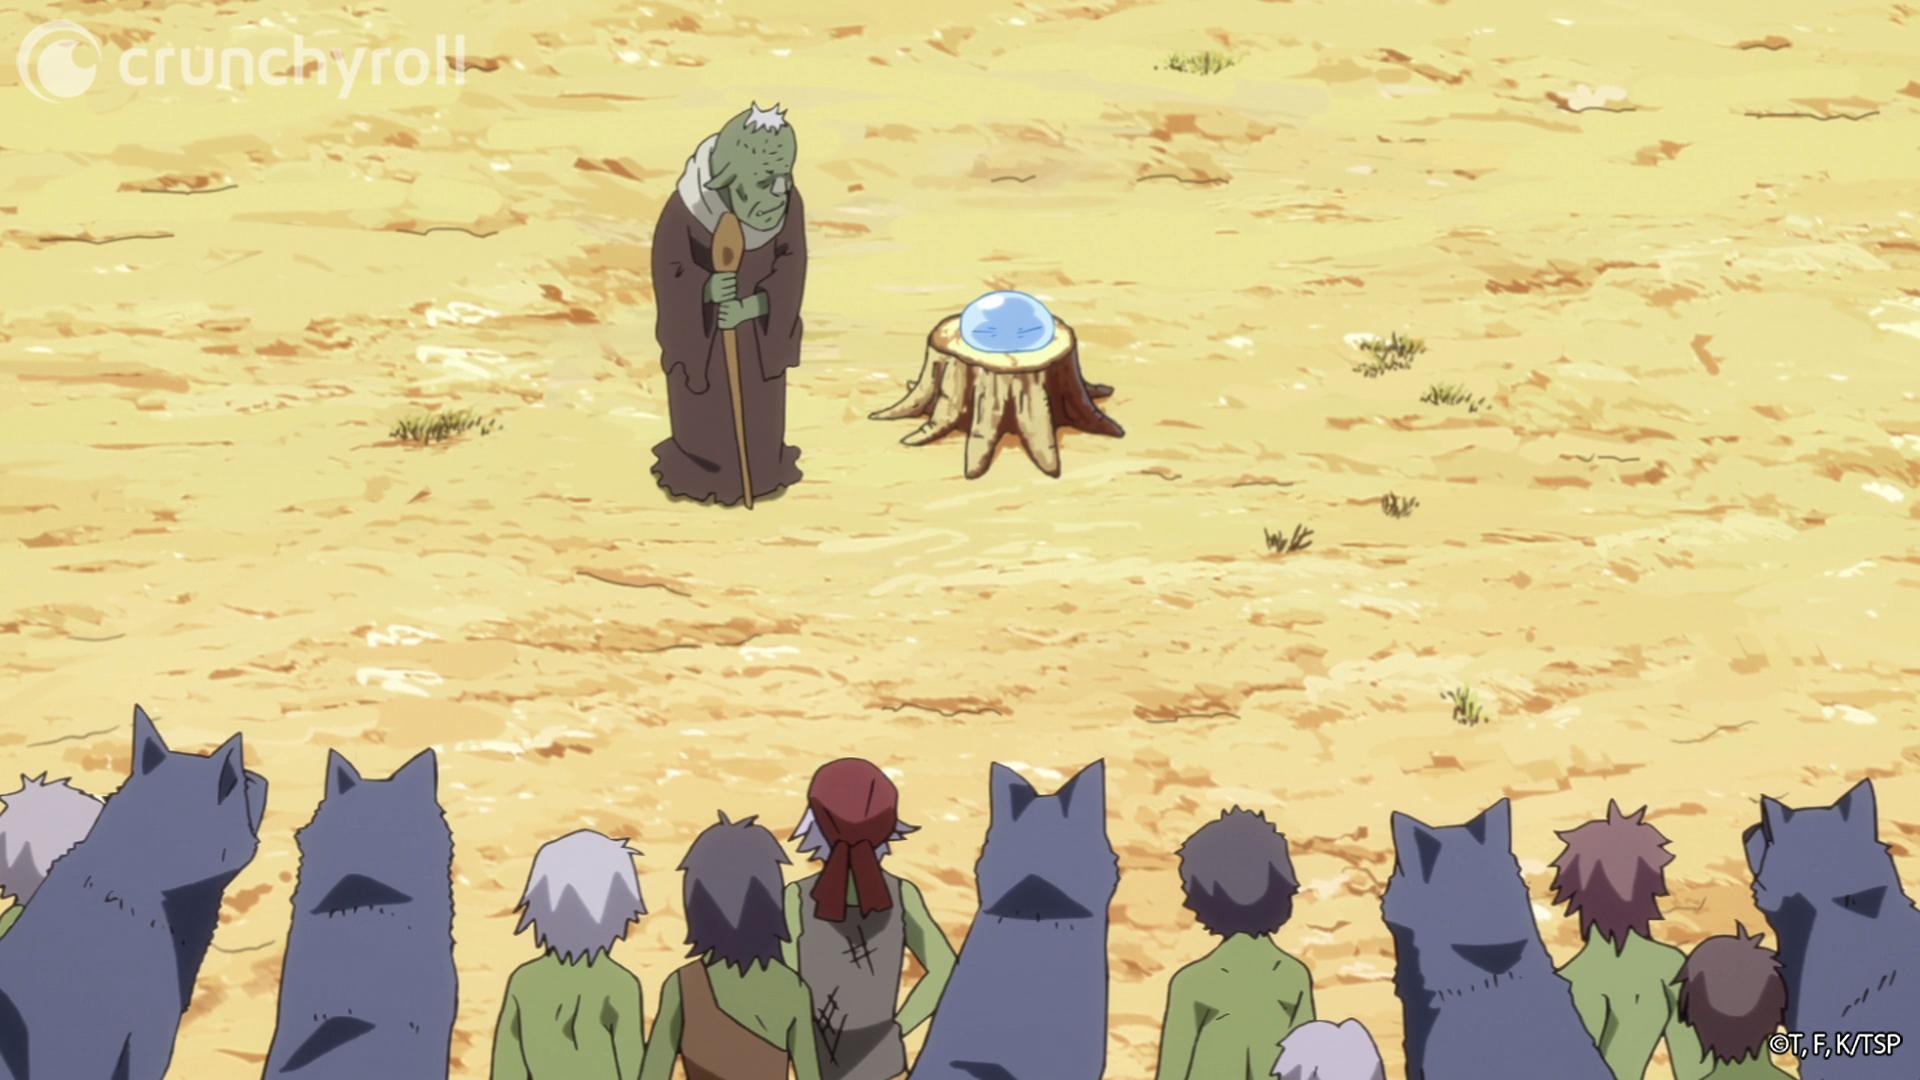 كرانشي رول تحلل: شخصية Rimuru هي الأفضل في أنمي  Tensei shitara Slime Datta Ken !